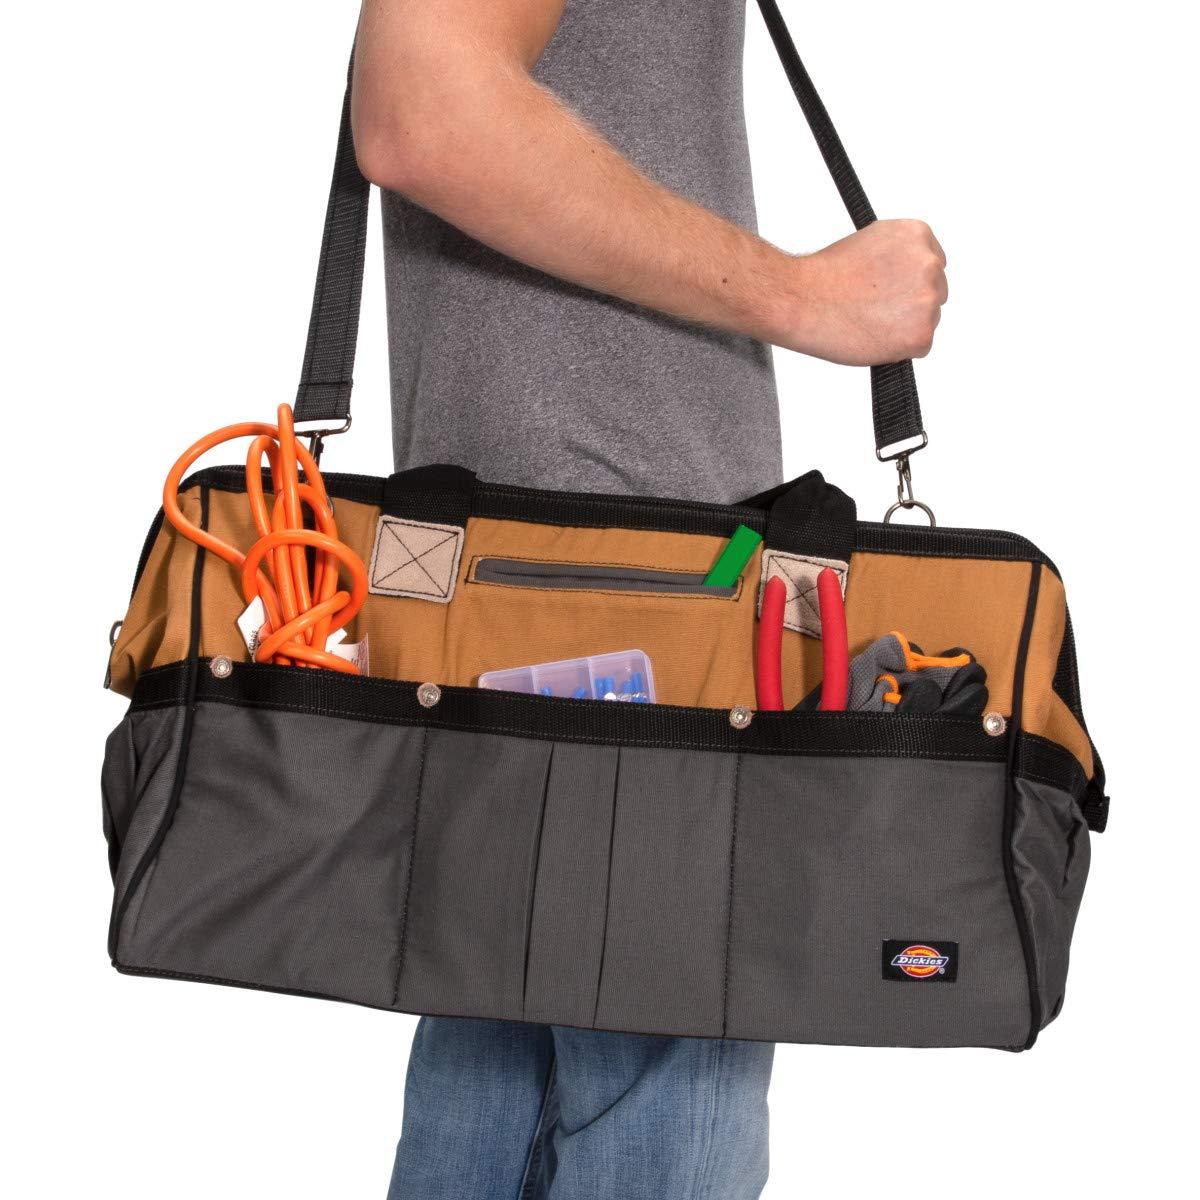 Dickies 57033 20-Inch Work Bag by Dickies Work Gear (Image #7)